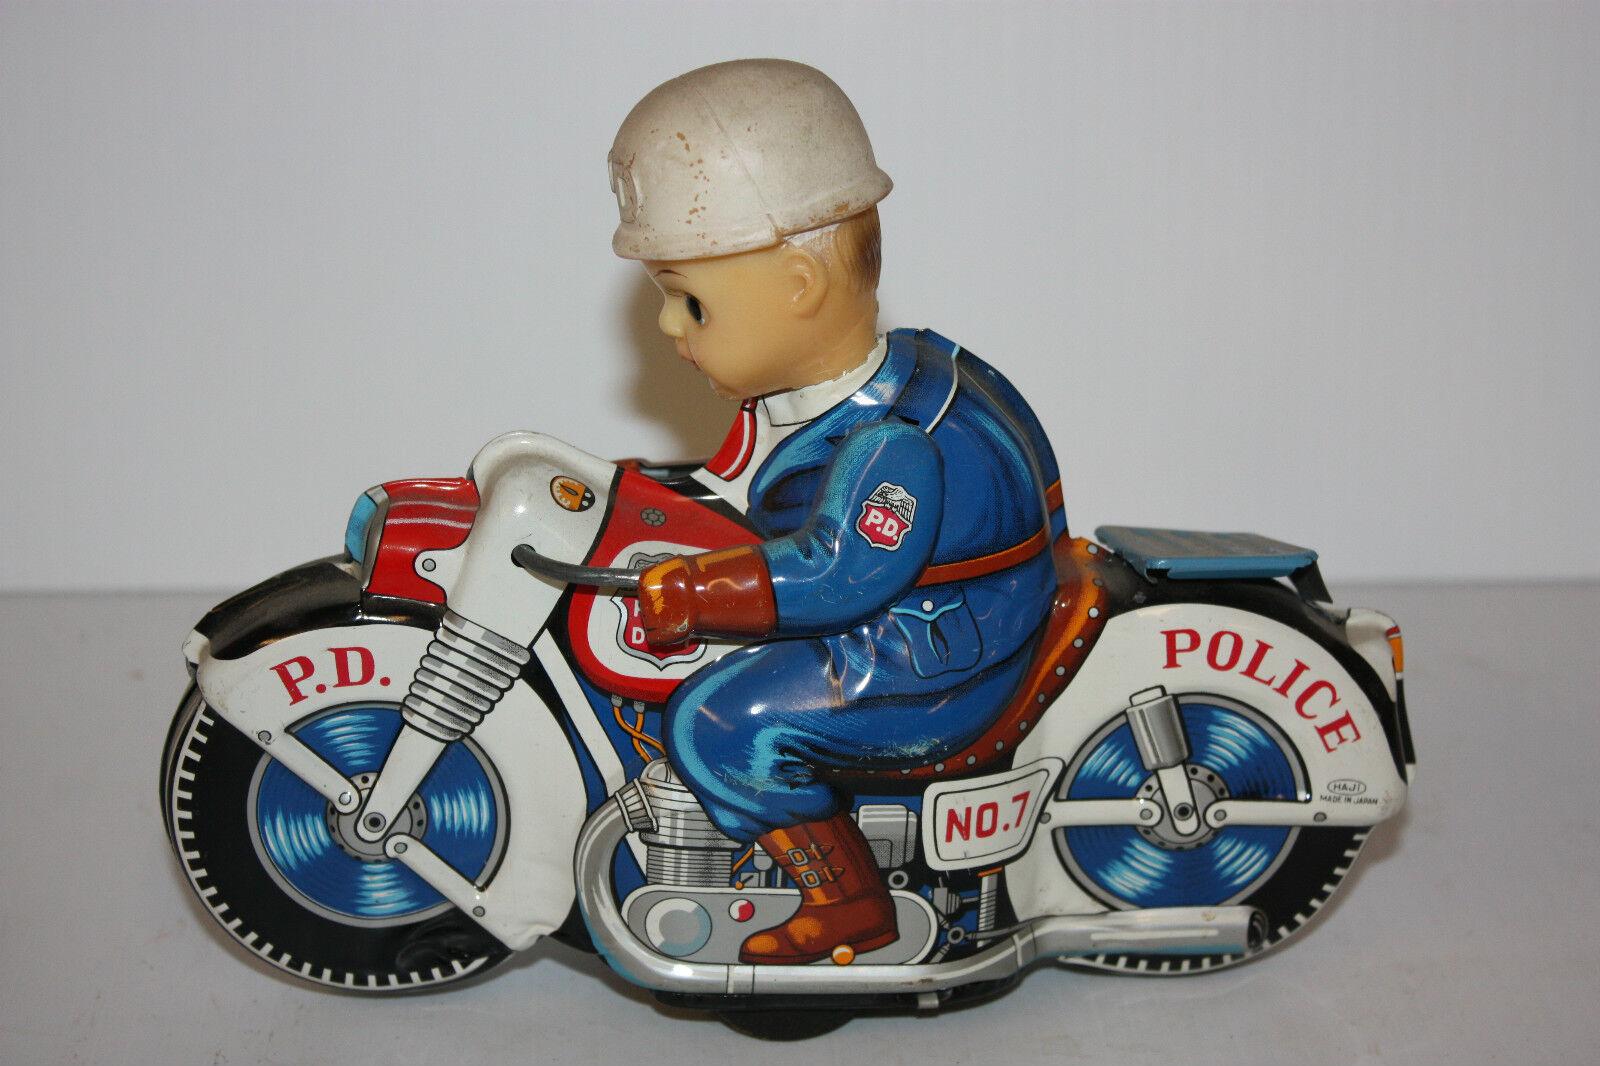 Juguete De Hojalata Motocicleta Haji diferencia de potencial ciclo No.7 hecha en Japón en década de 1960